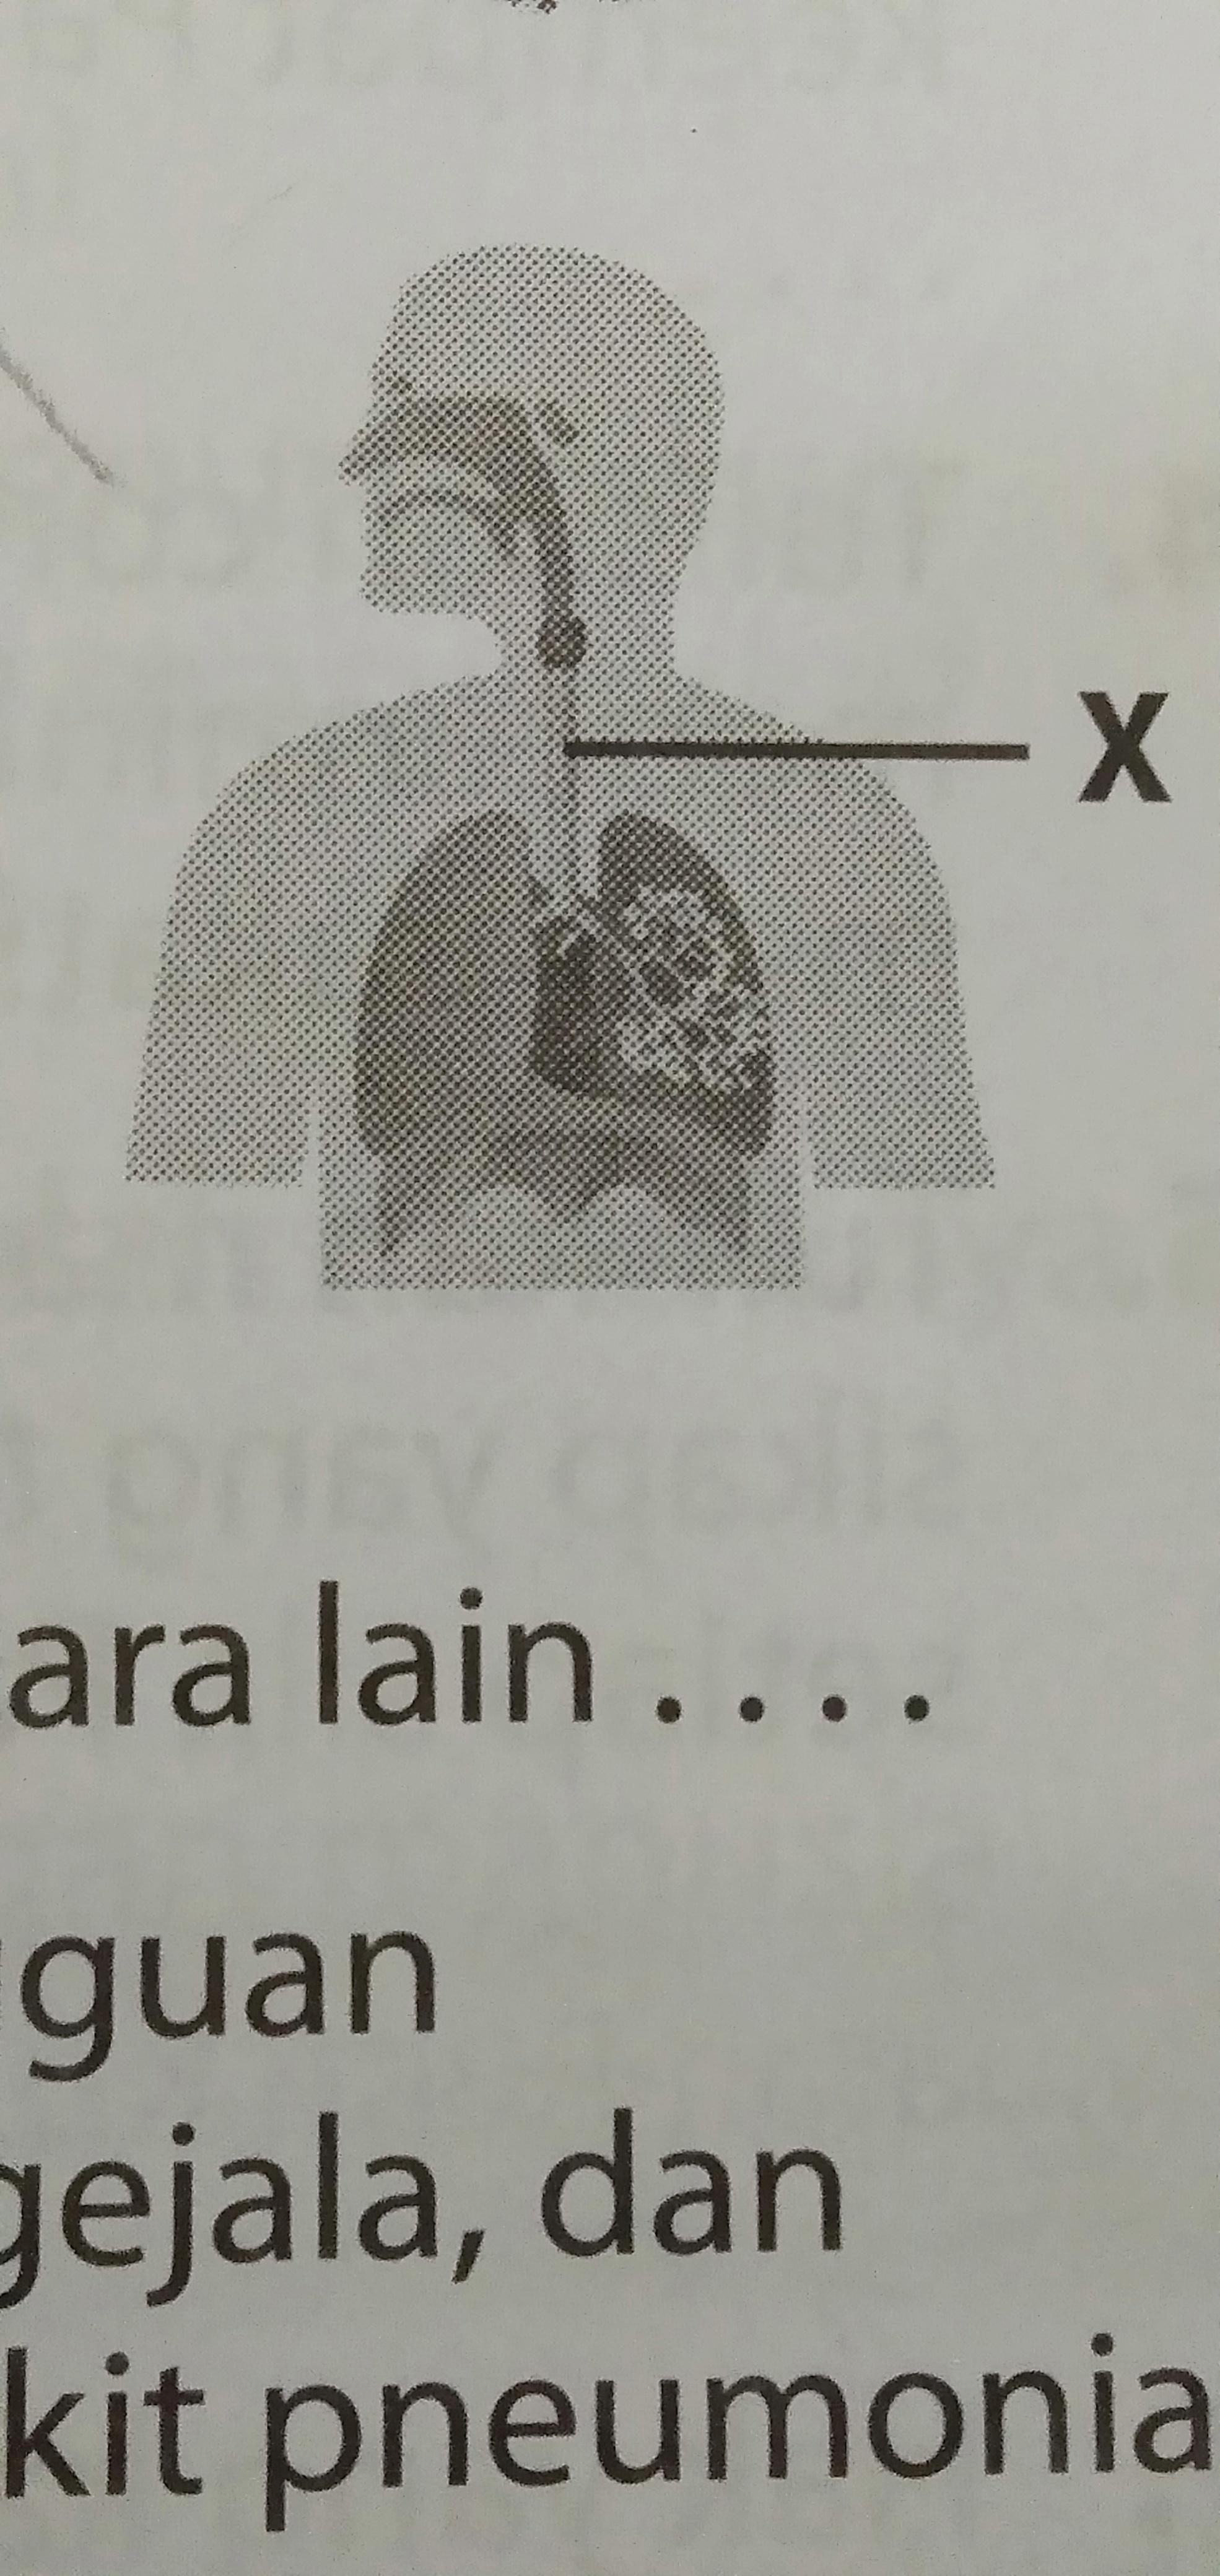 32+ Fungsi organ pernapasan yang ditunjukkan dengan huruf x adalah info